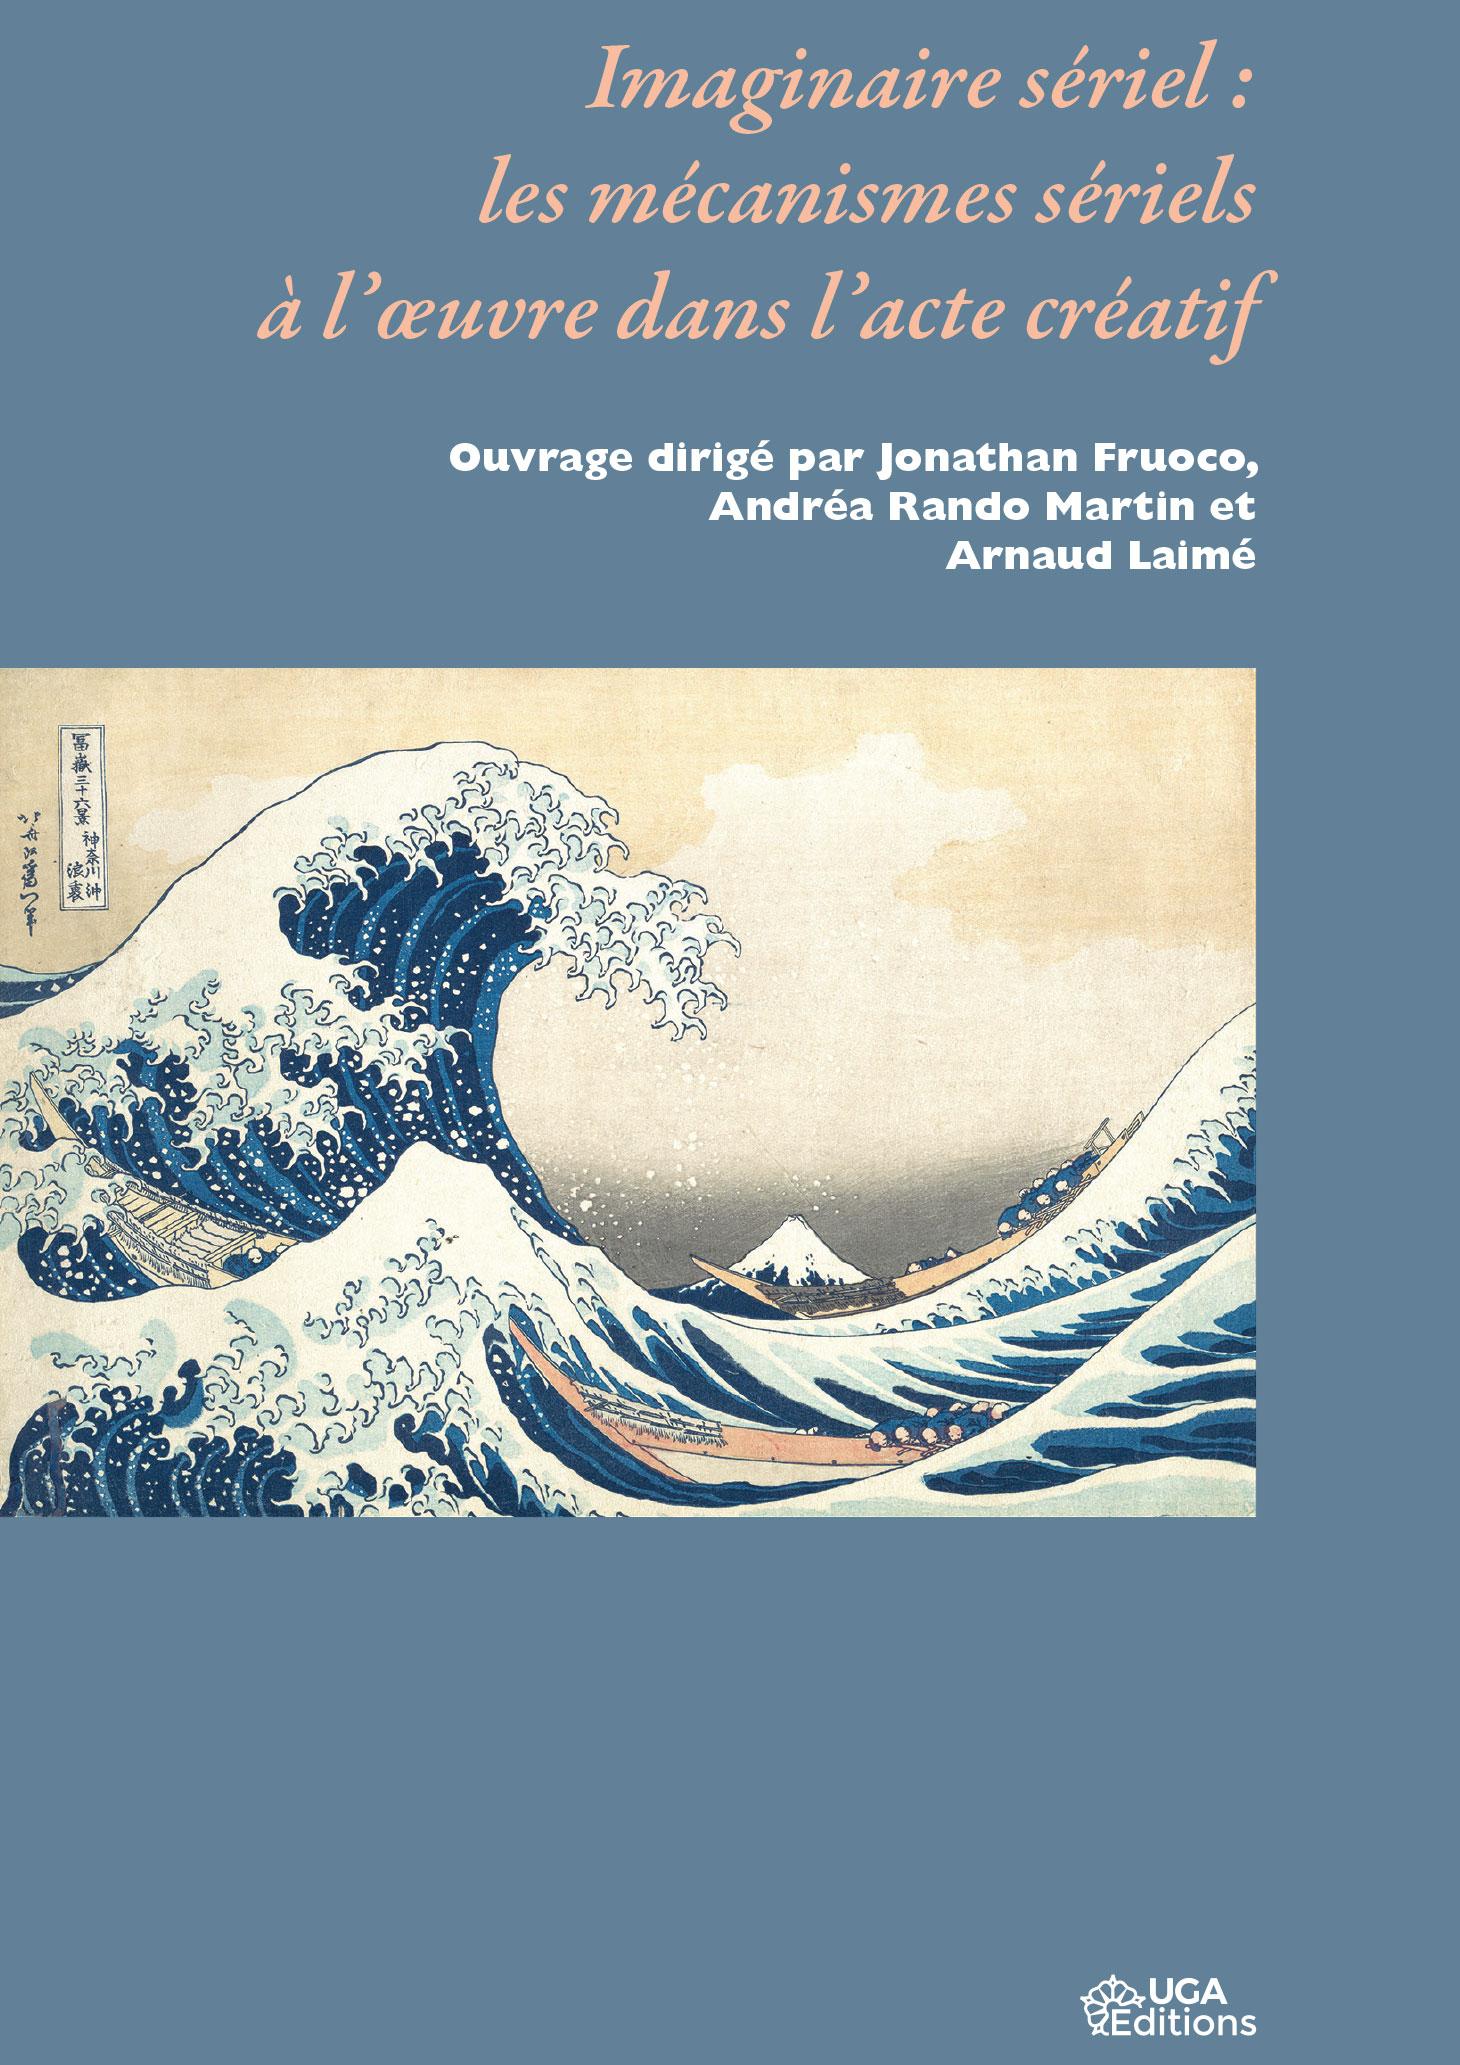 Couverture de l'ouvrage imaginaire sériel : les mécanismes sériels à l'œuvre dans l'acte créatif